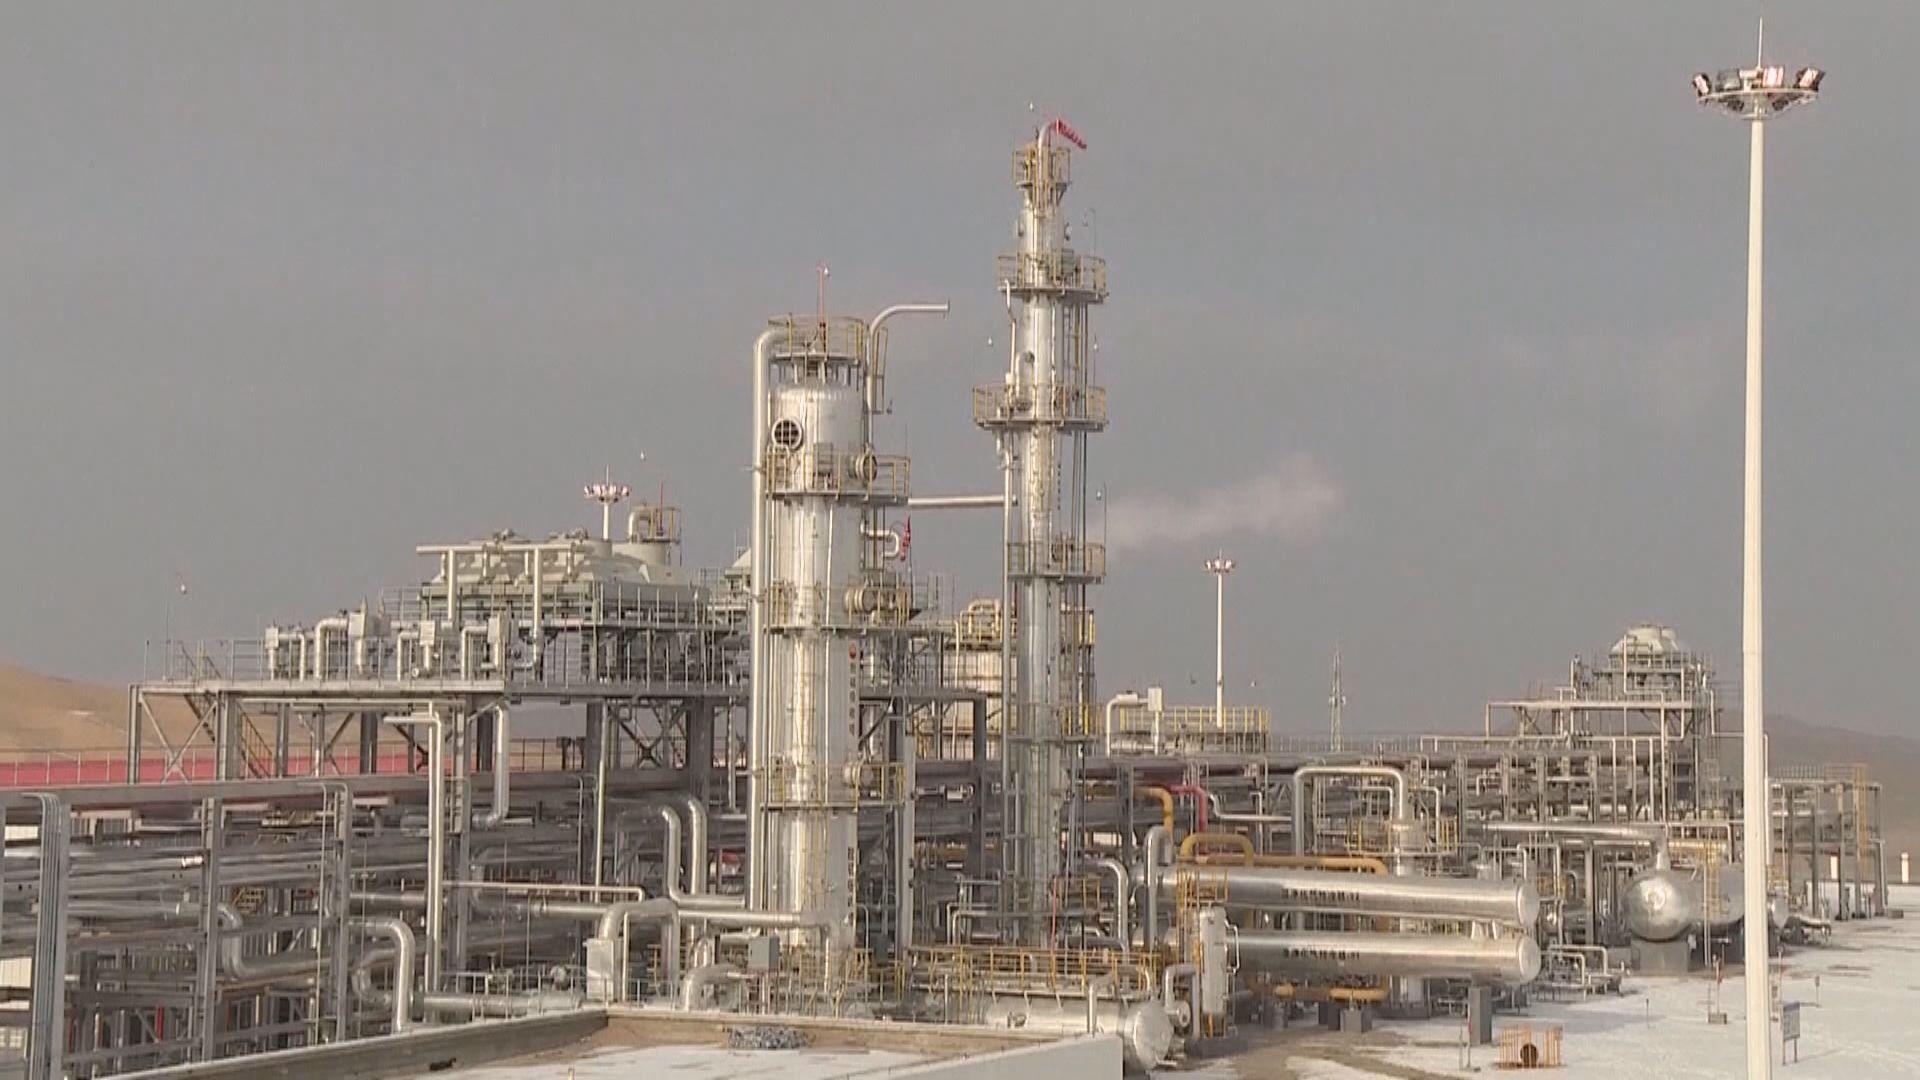 油價反彈逾1% 因美新刺激方案磋商有取得進展跡象